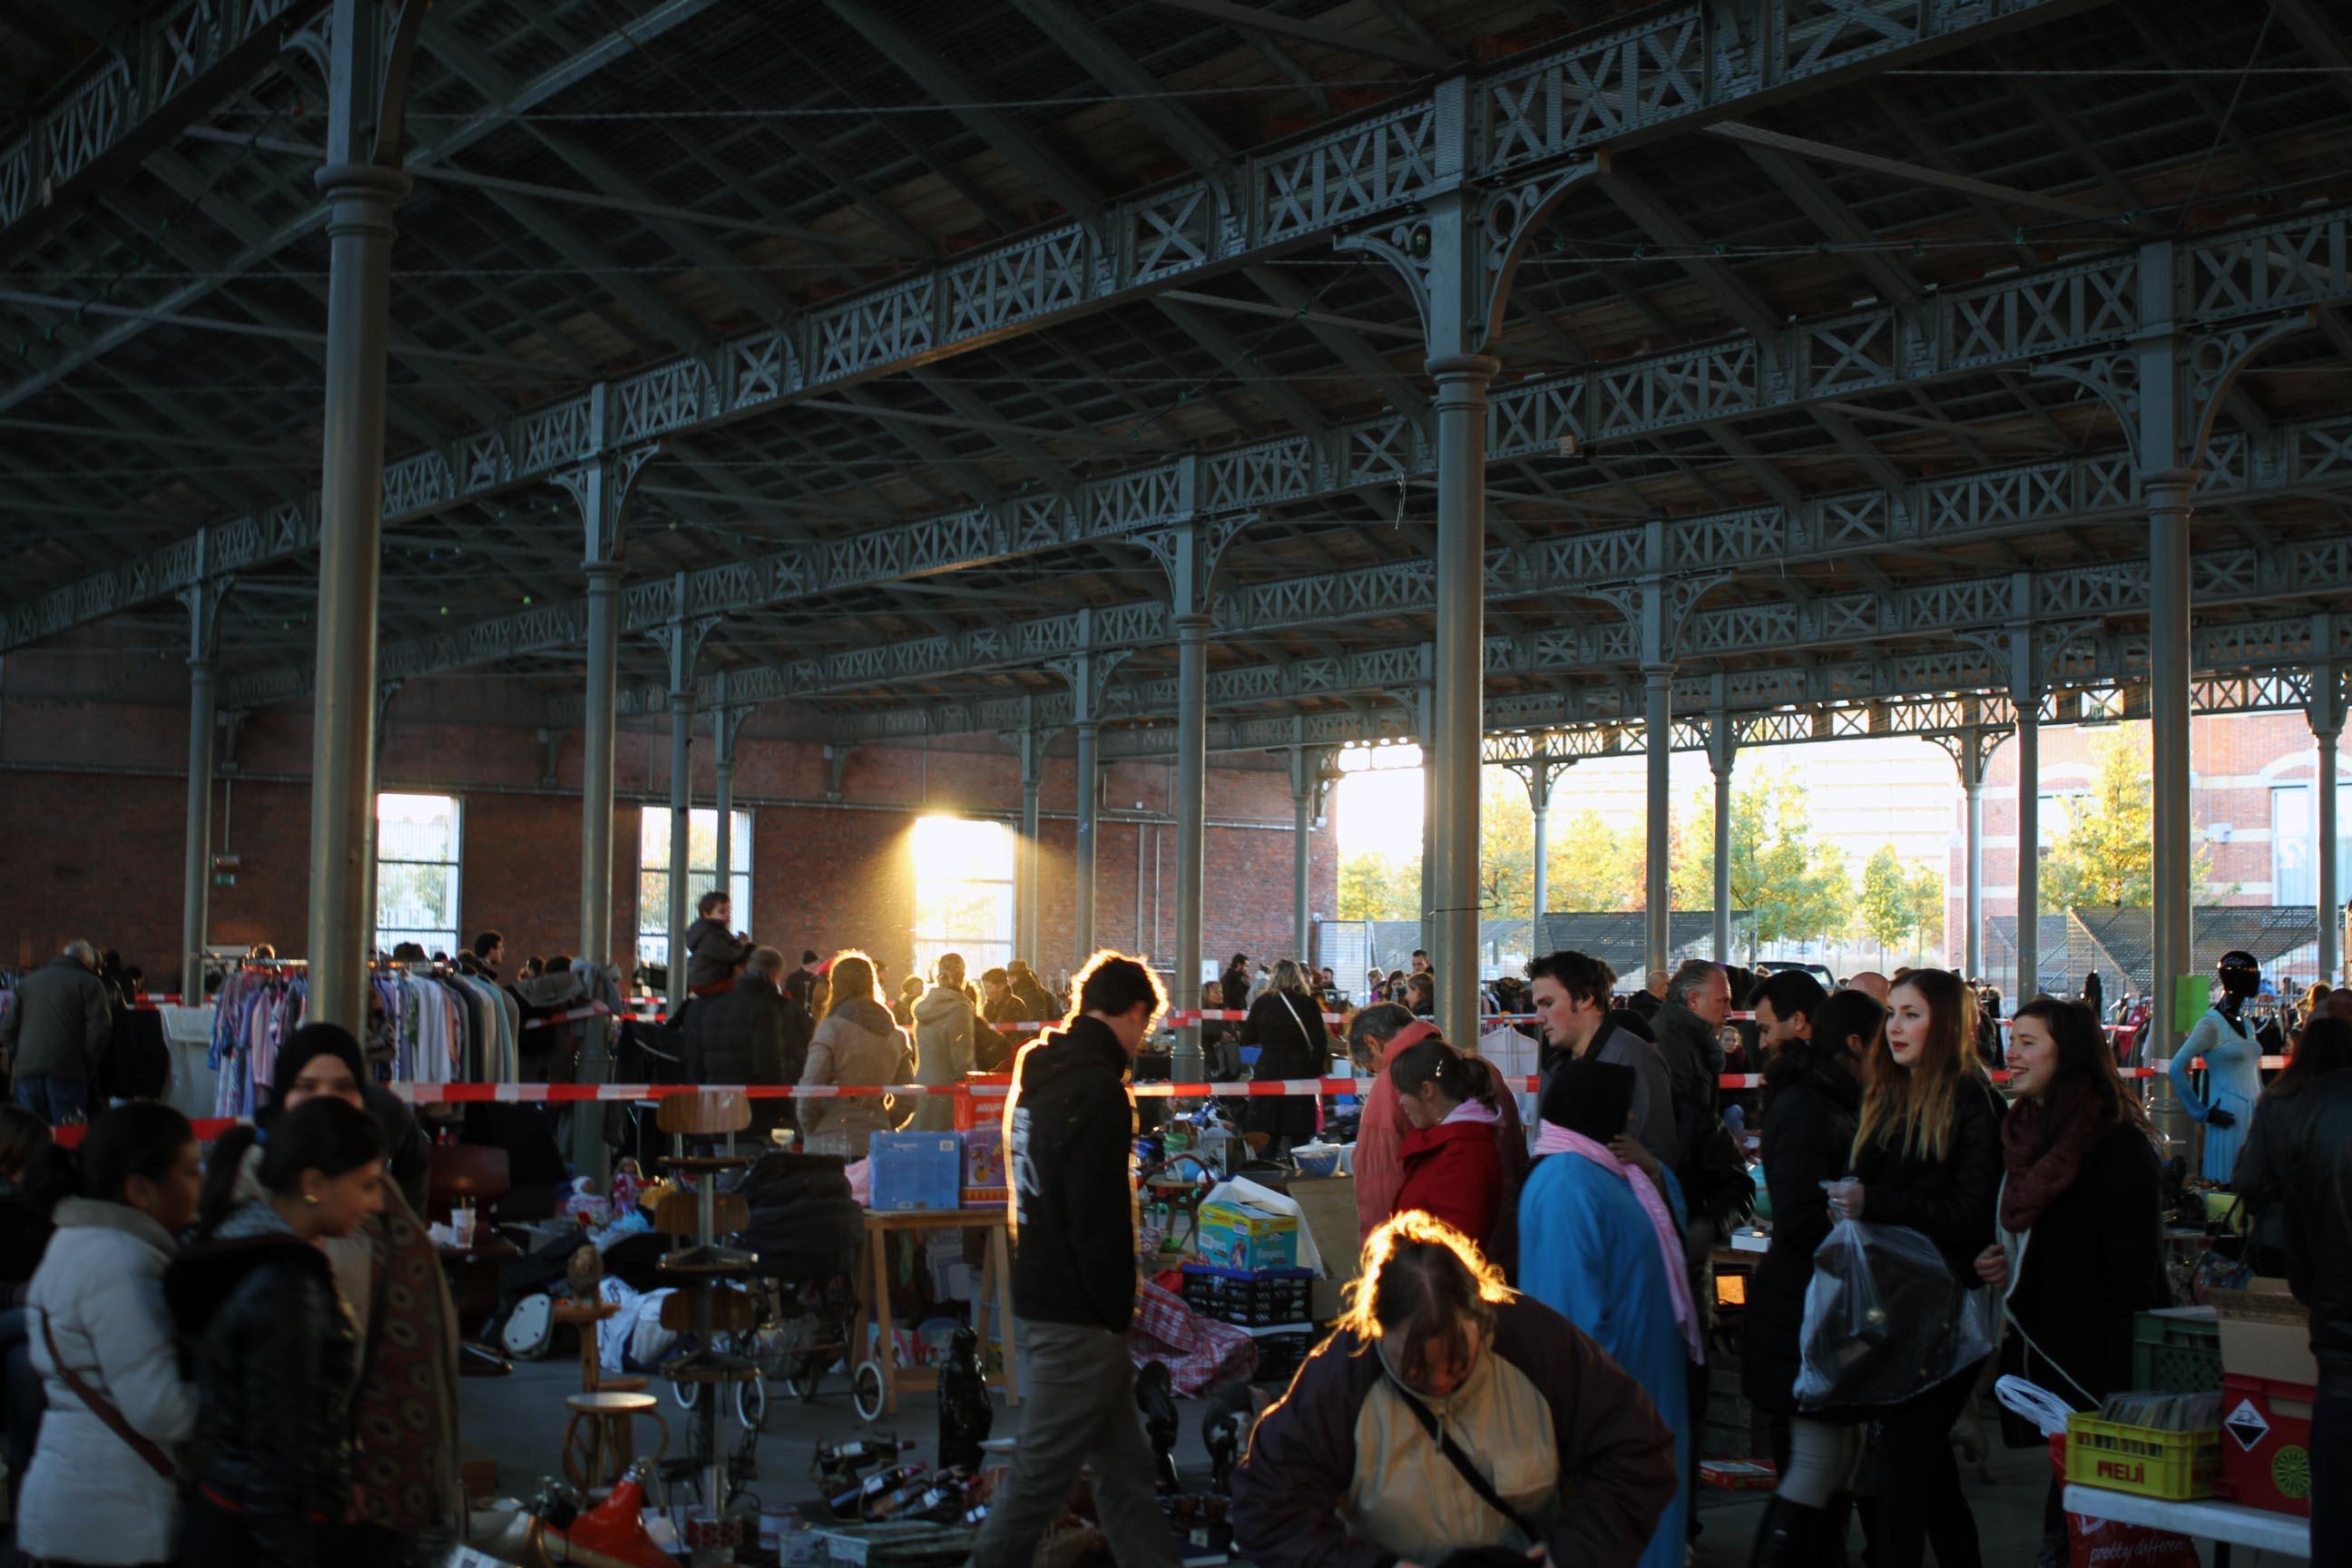 Rommelmarkt noord